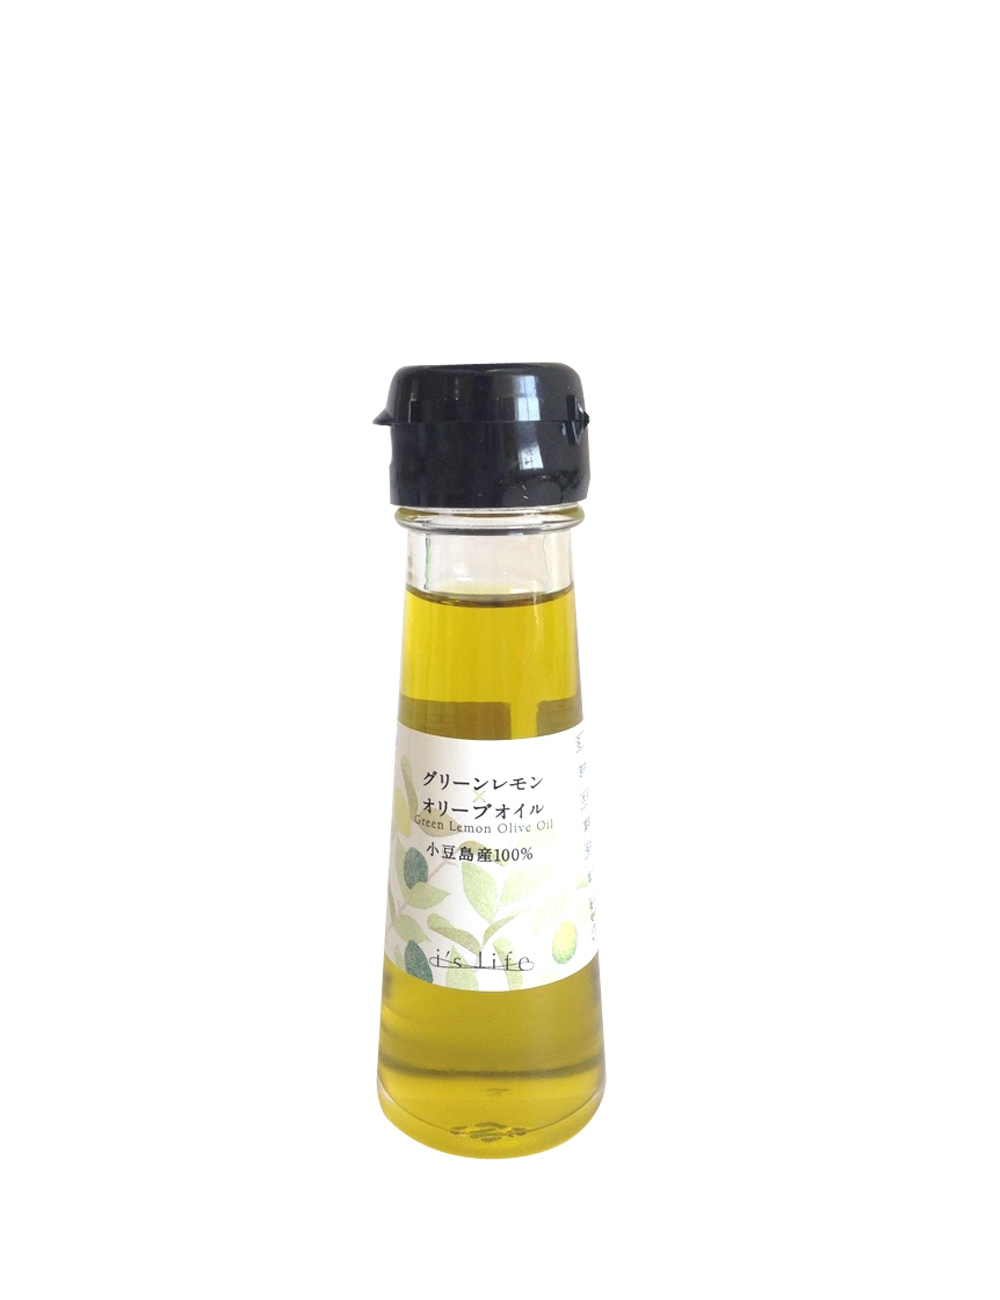 グリーンレモンオリーブオイル イズライフ ミニボトル 46g